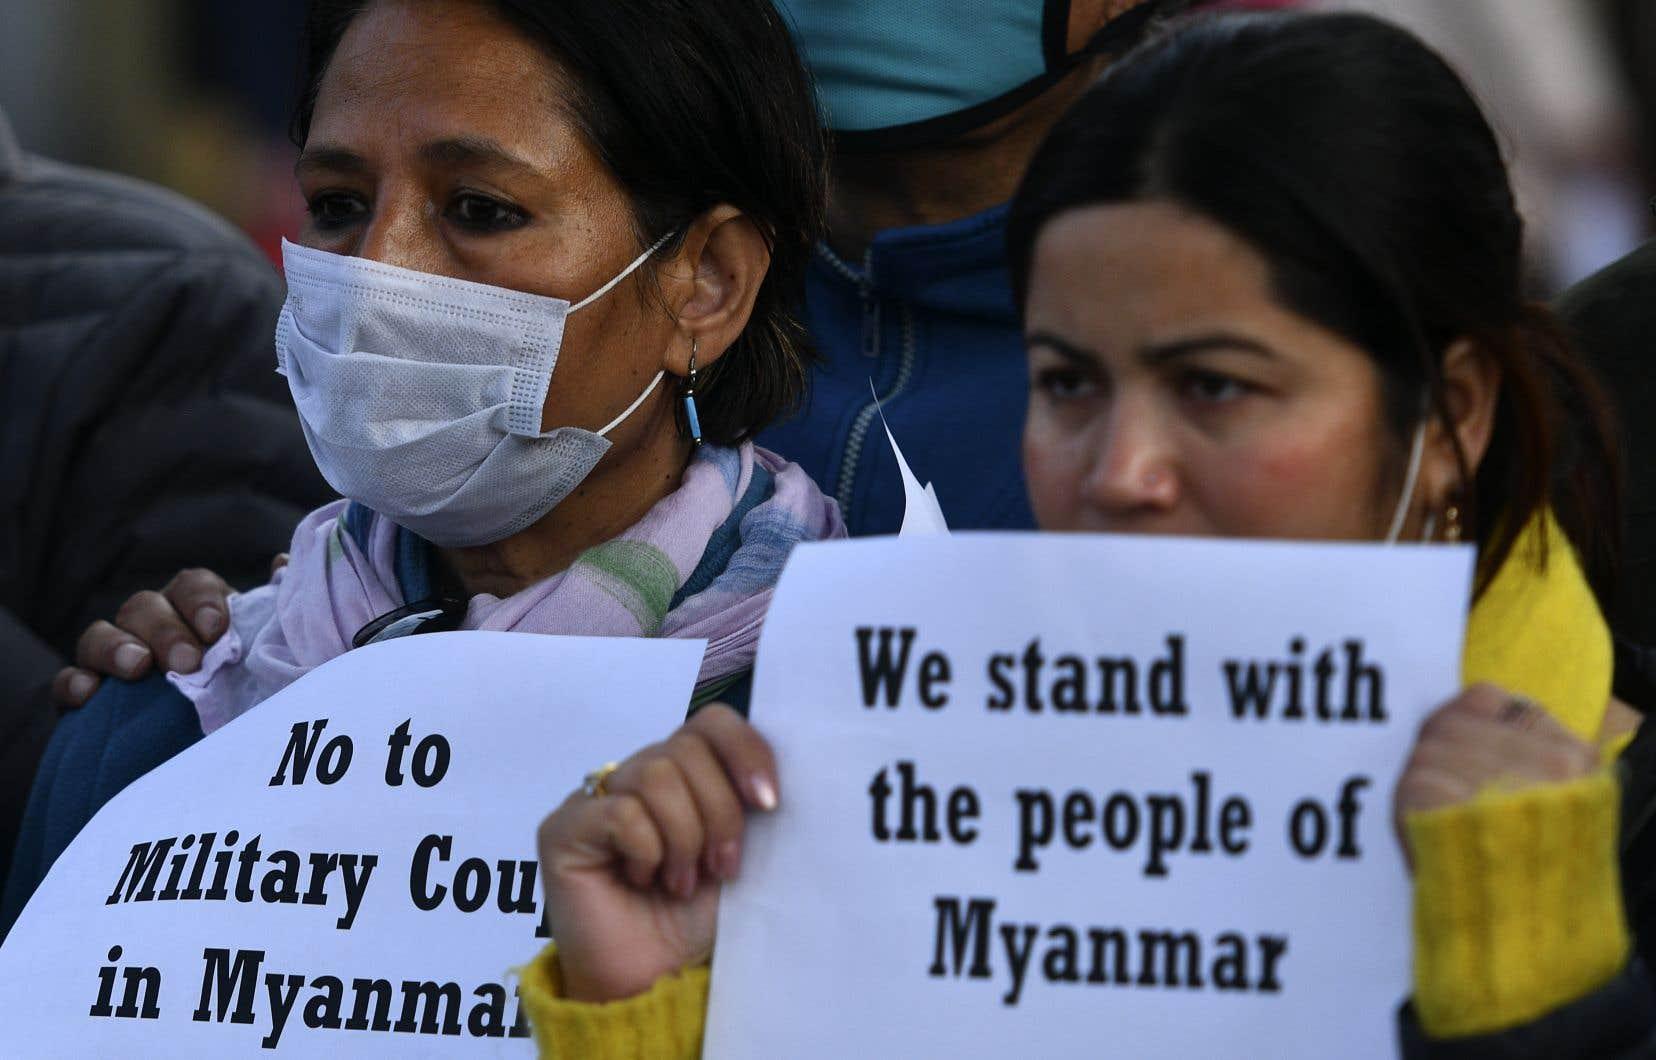 Des personnes ont manifesté à Katmandou lundi contre le coup d'État au Myanmar.